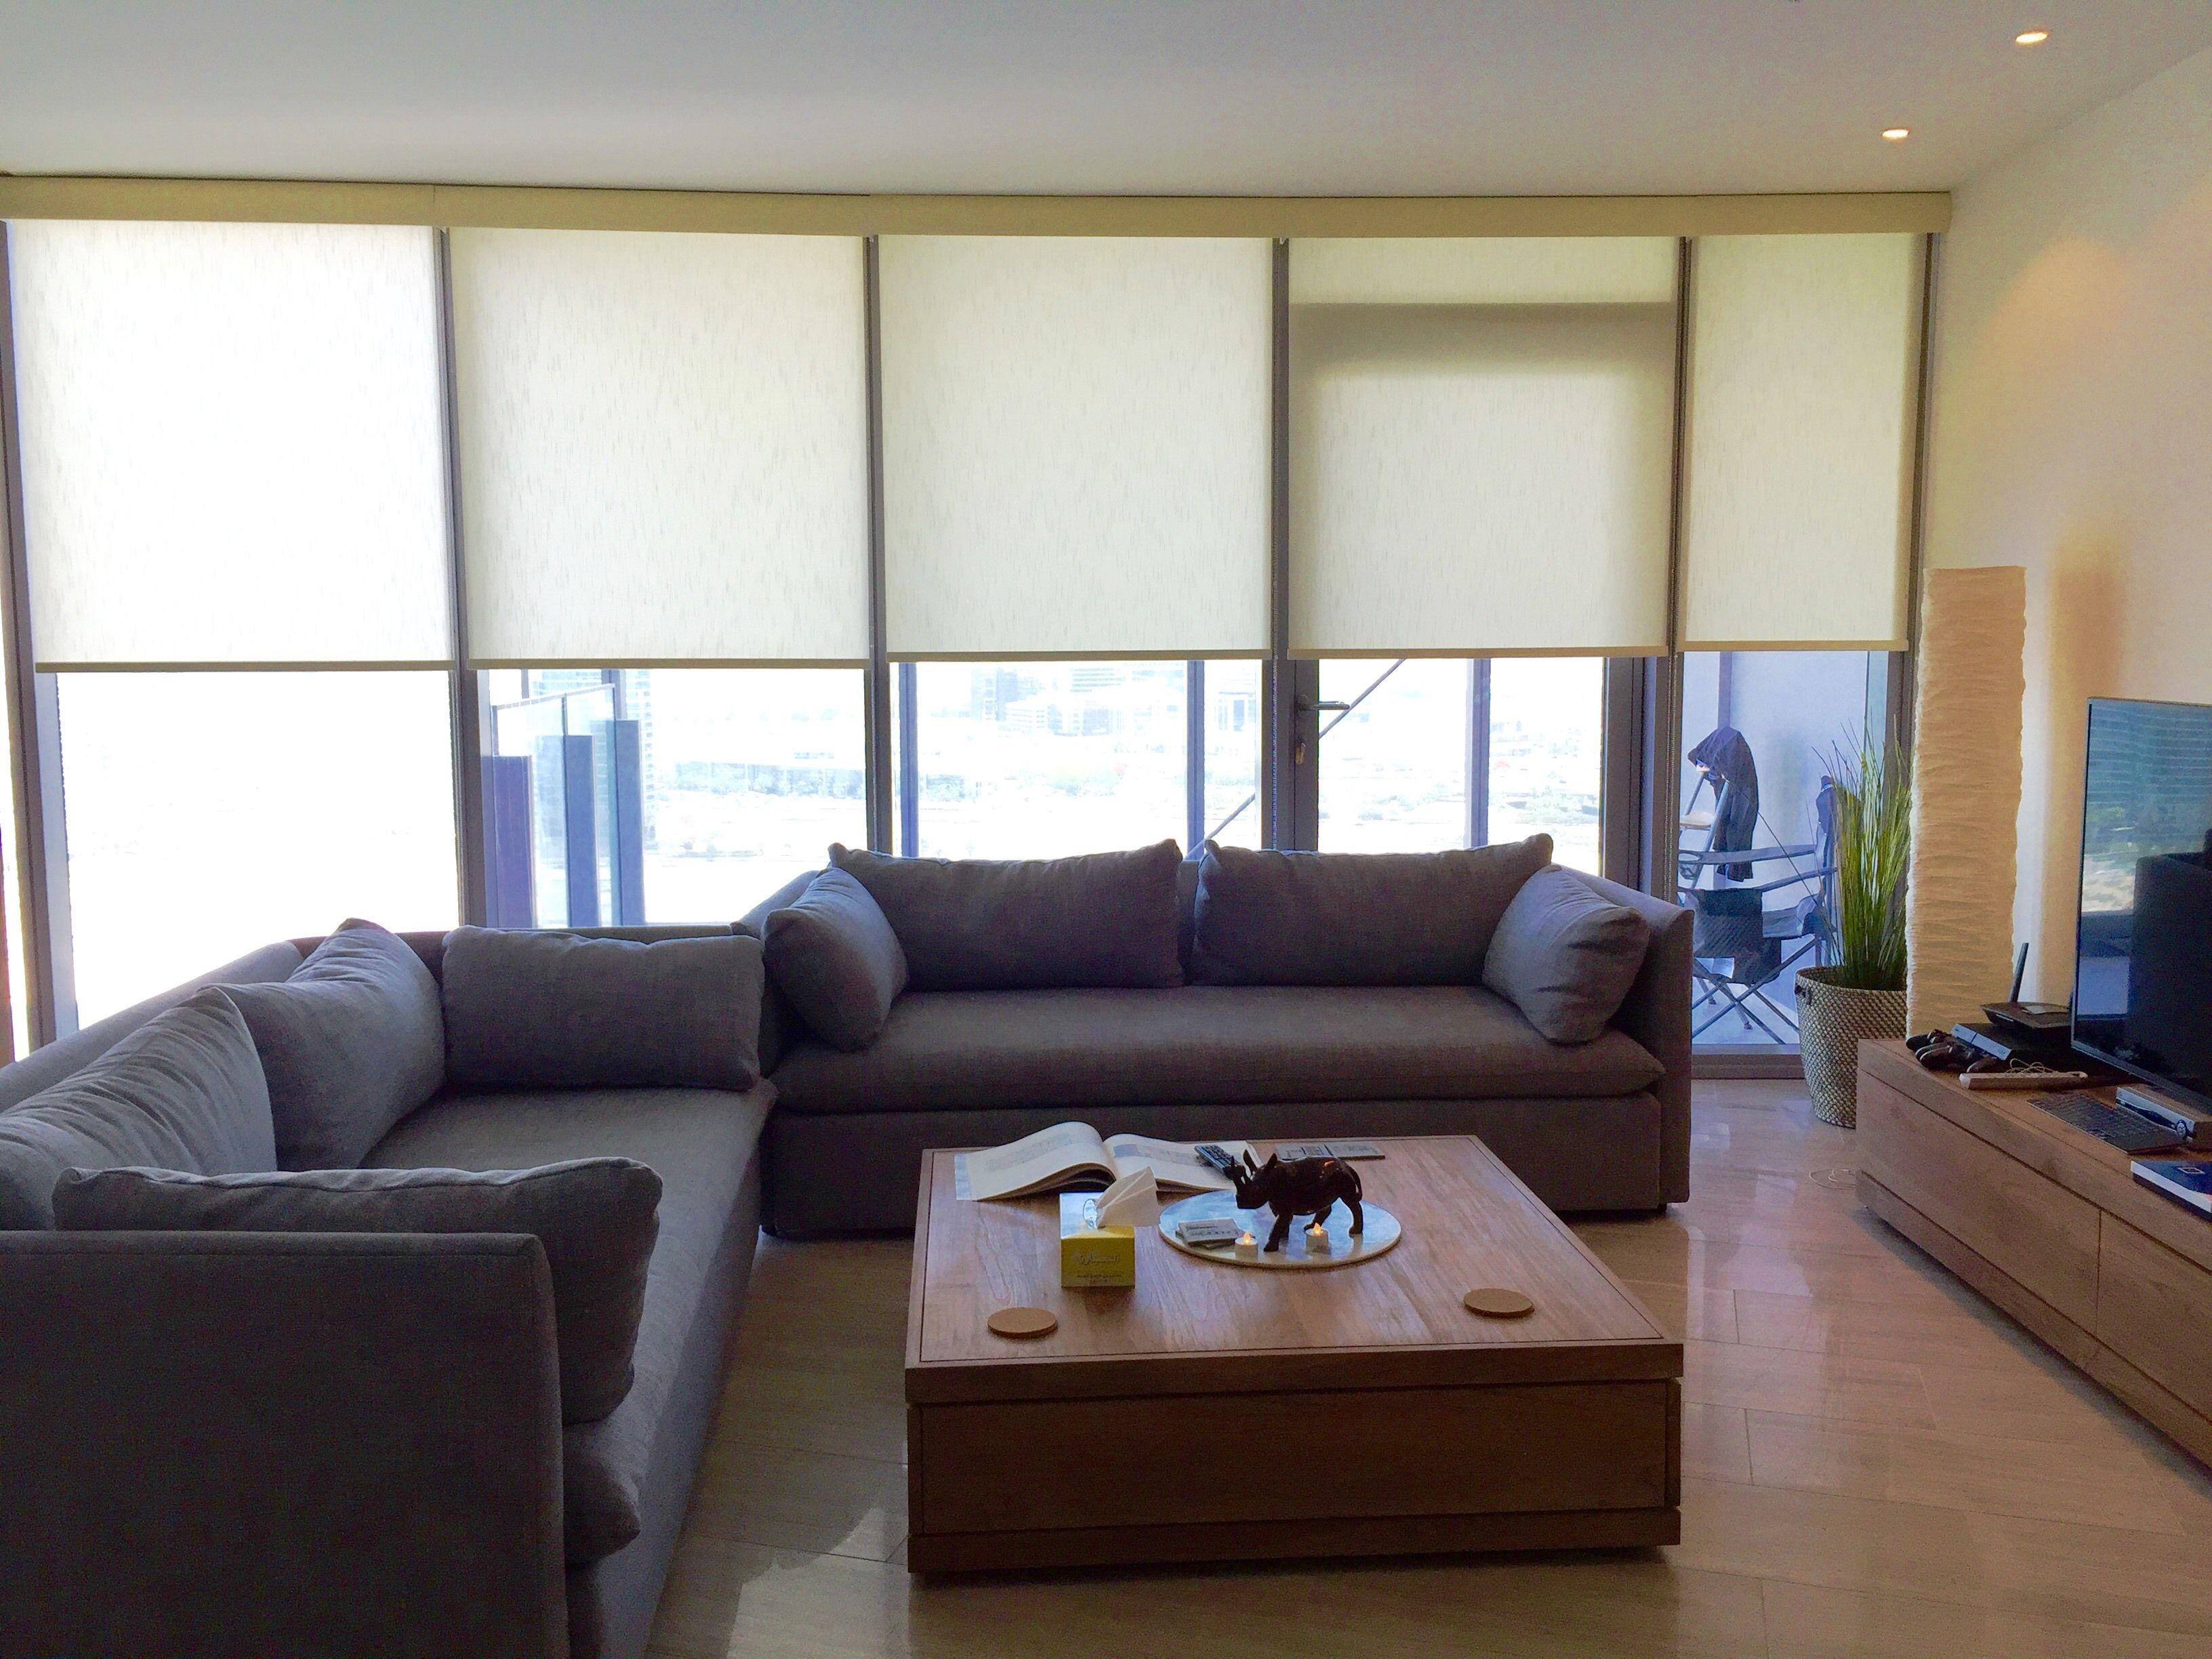 Cream roller binds in living room testimonials rimini blinds